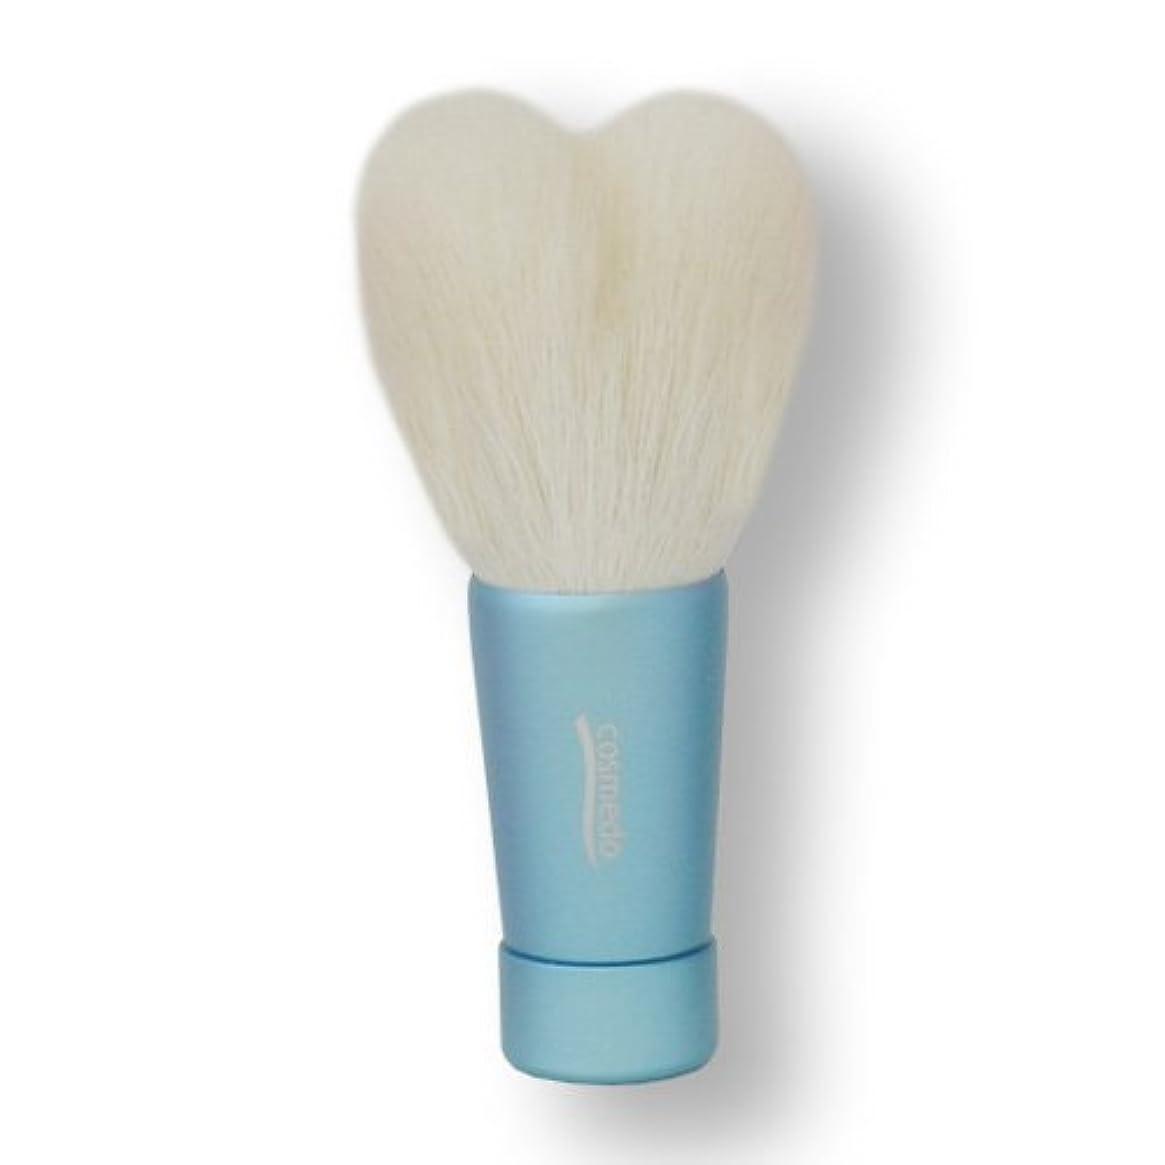 差別深遠熱匠の化粧筆コスメ堂 熊野筆 ハート型洗顔ブラシ Mサイズ ブルー (青) 全長80mm